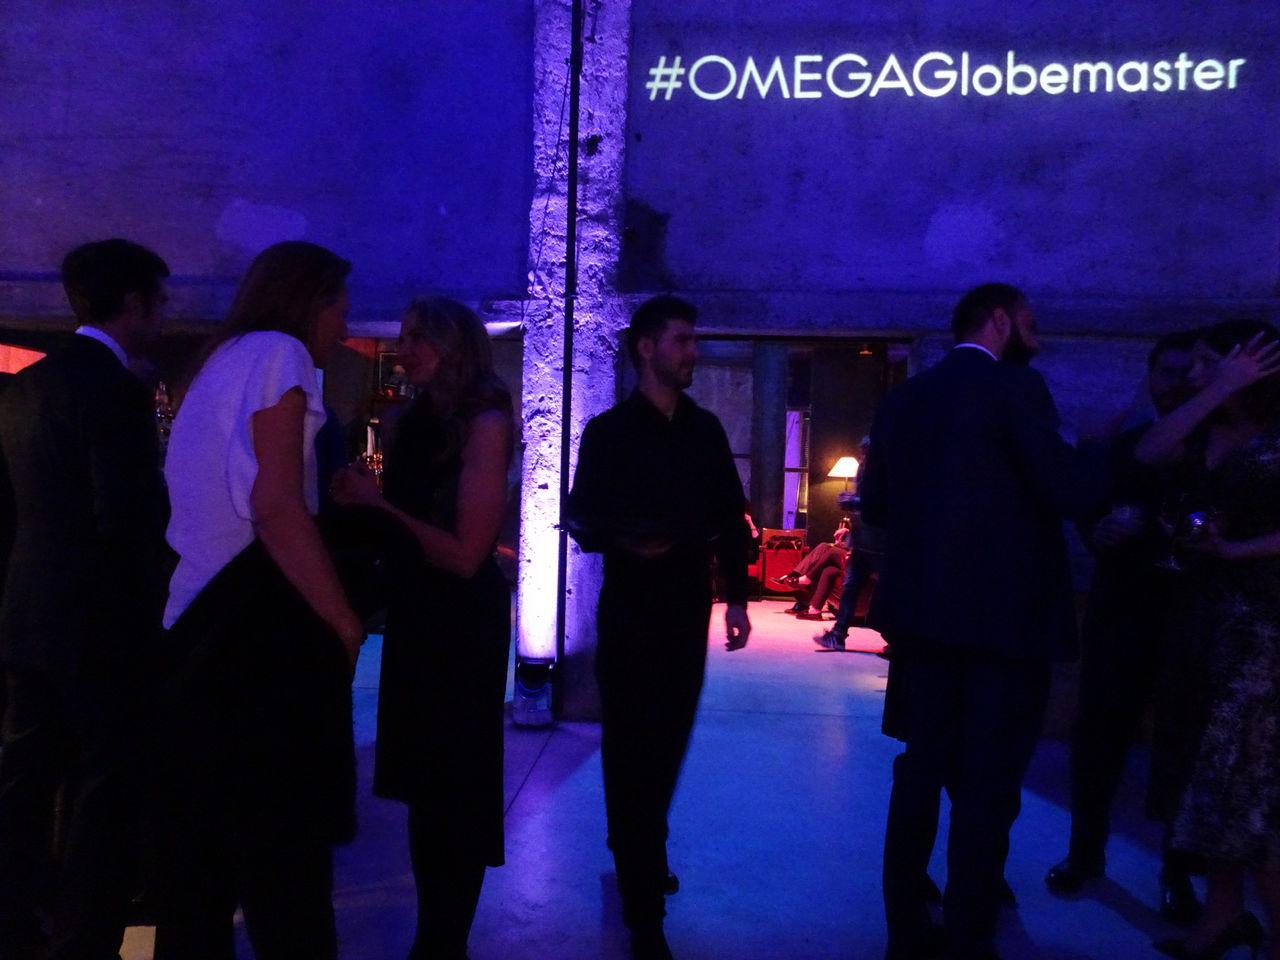 omega-presenta-la-collezione-globemaster-cracco-nina-zilli-milano-metas_0-10017